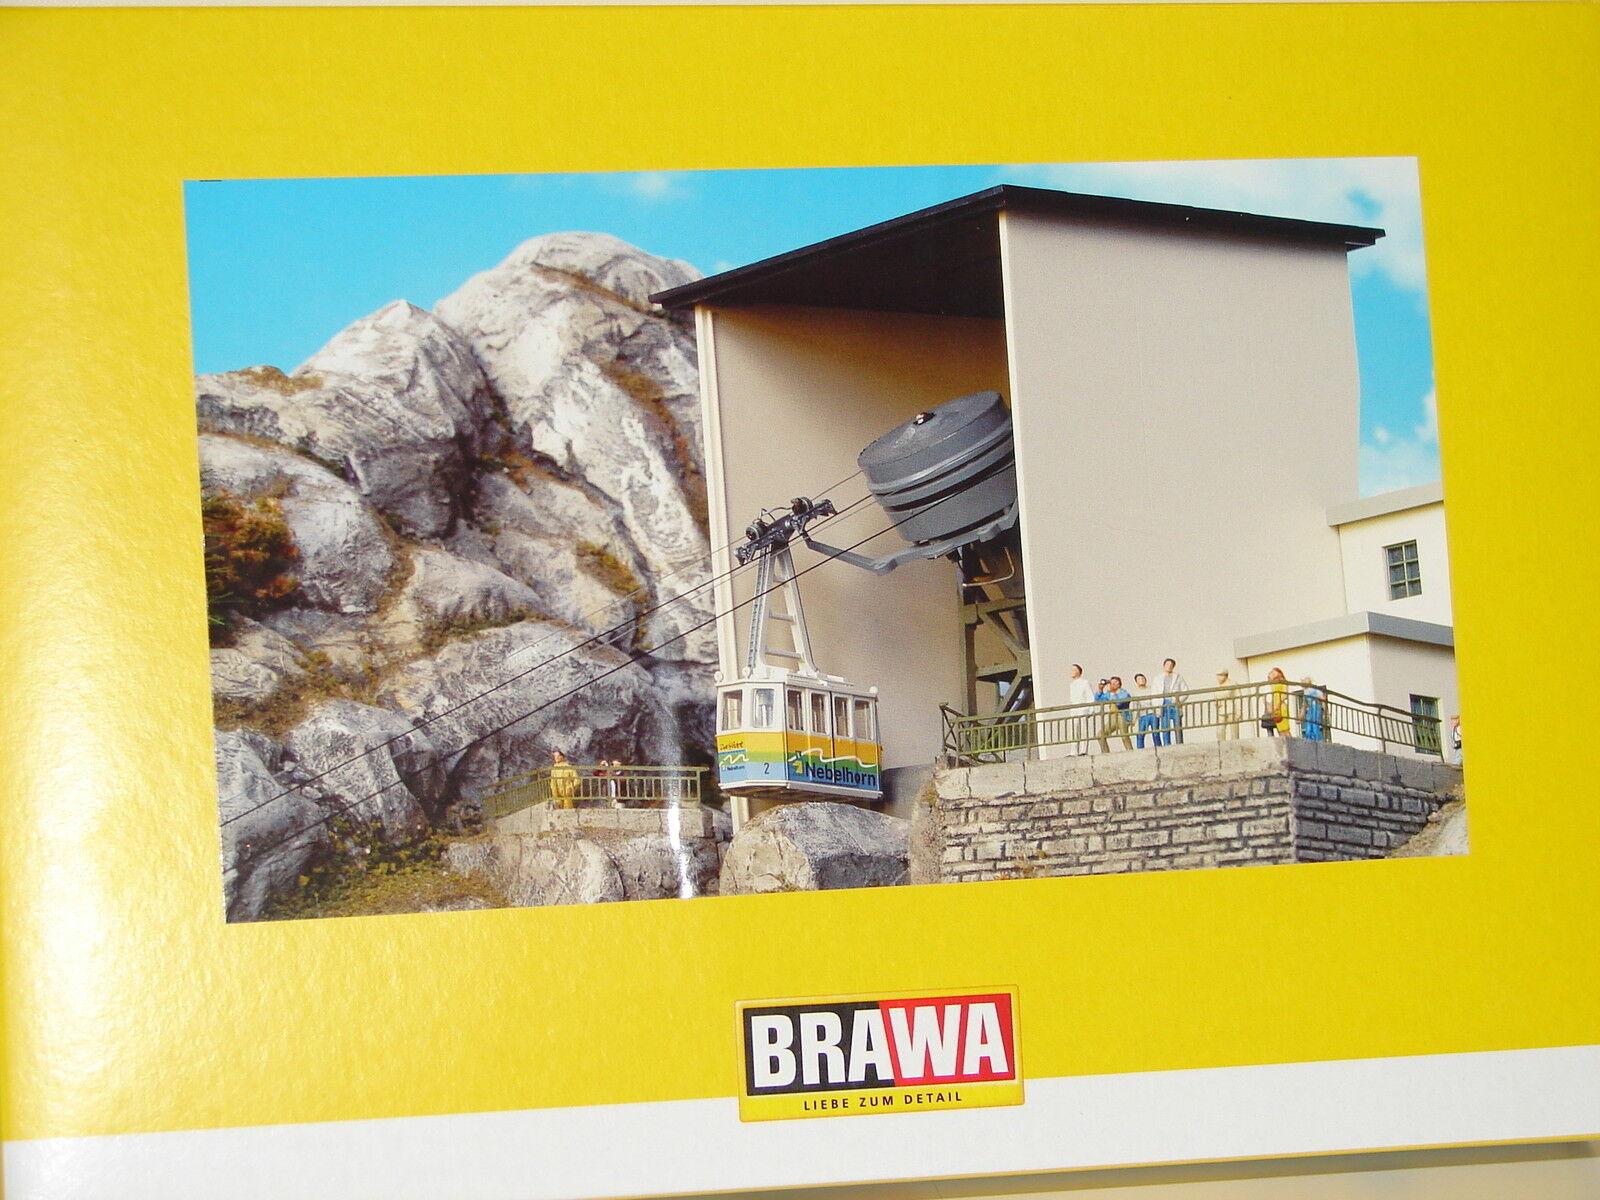 BRAWA HO 6340 SIRENA FERROVIE + + nuovo di di di fabbrica 52bb34